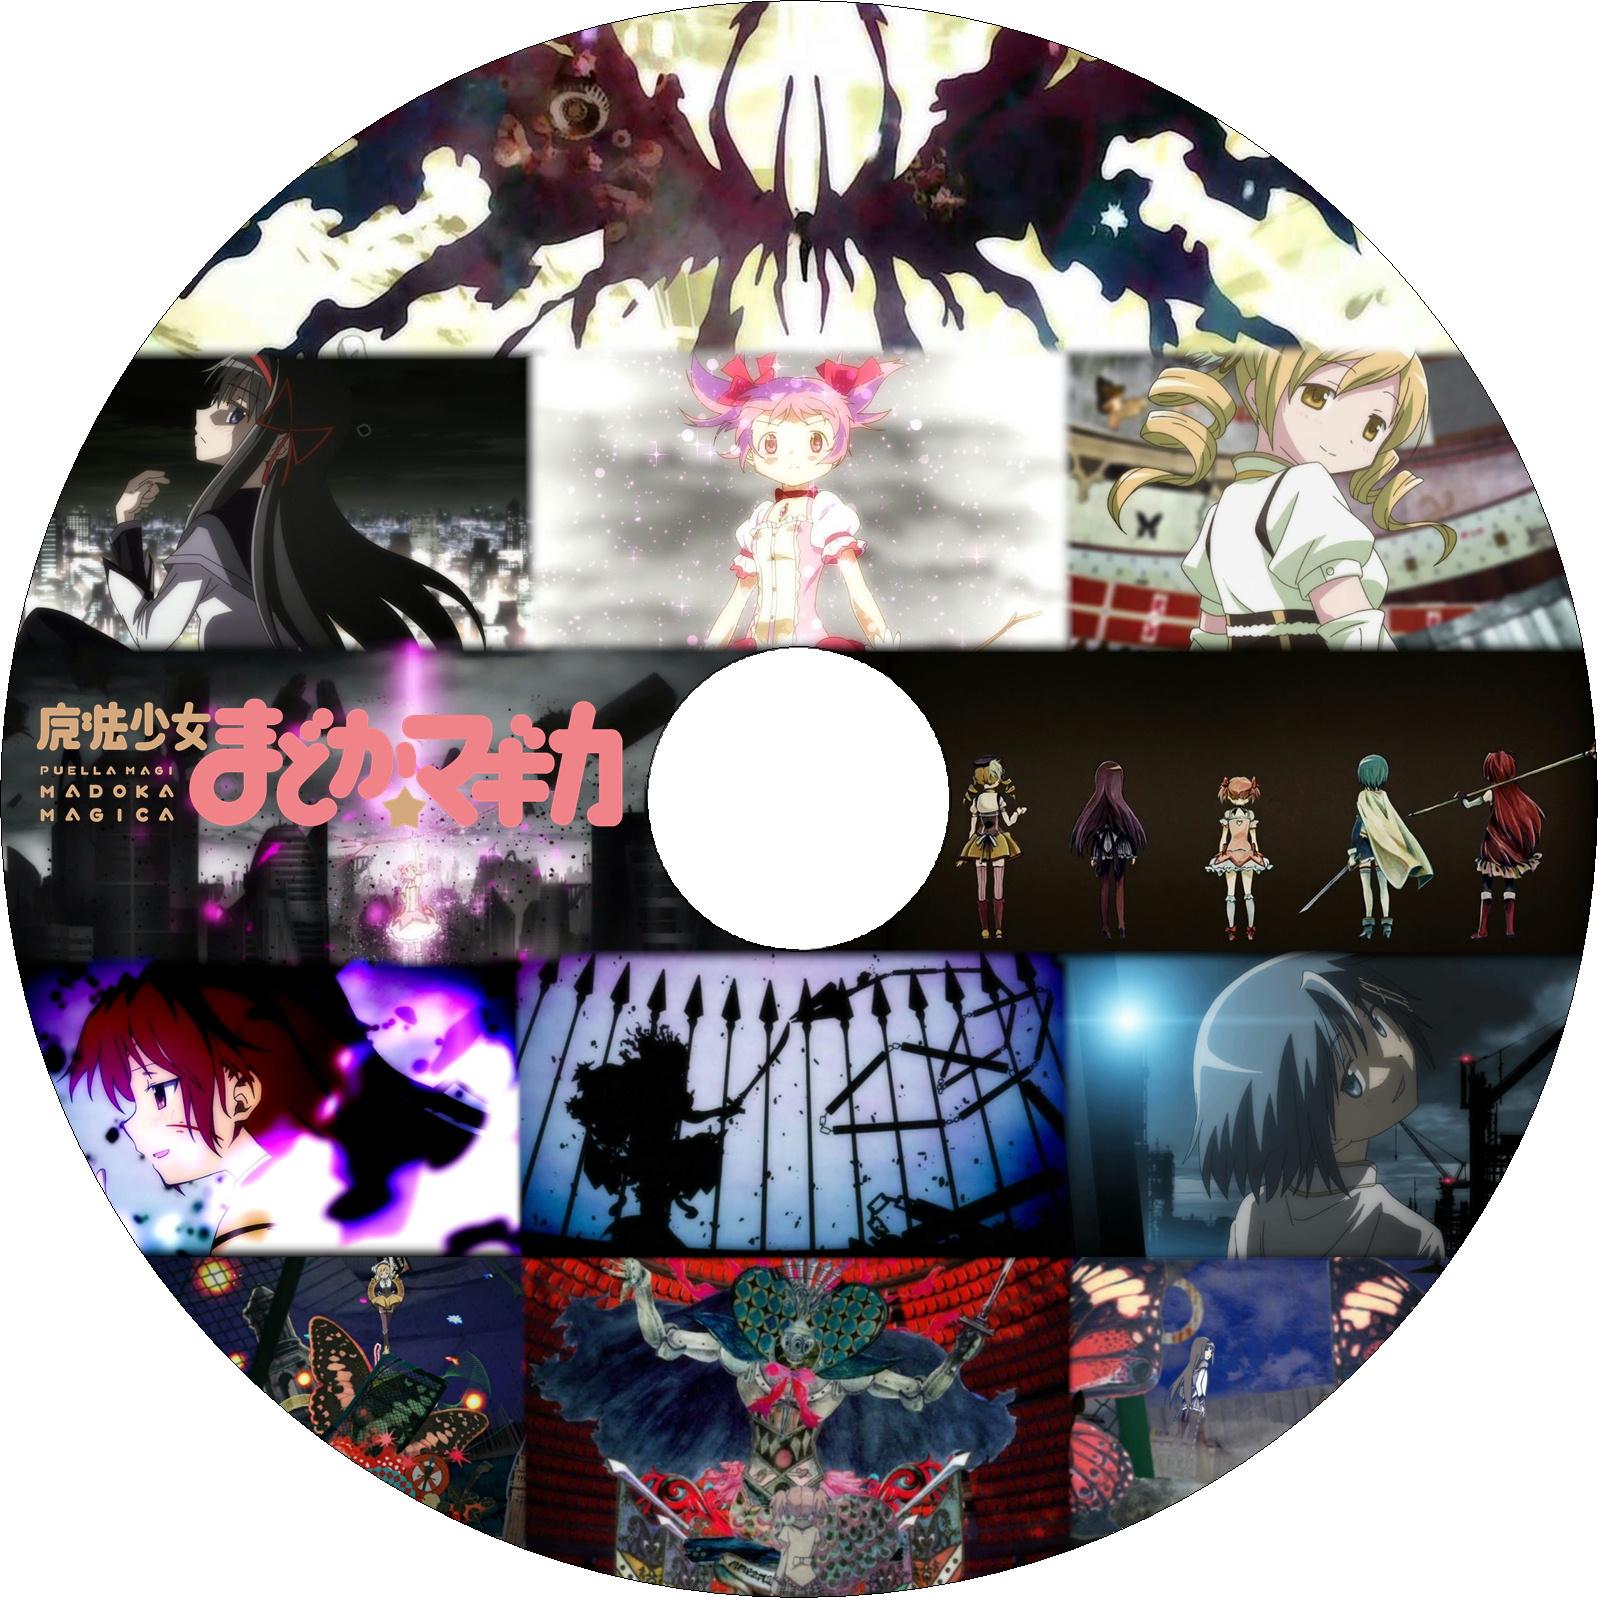 魔法少女まどか☆マギカ ラベル1改2